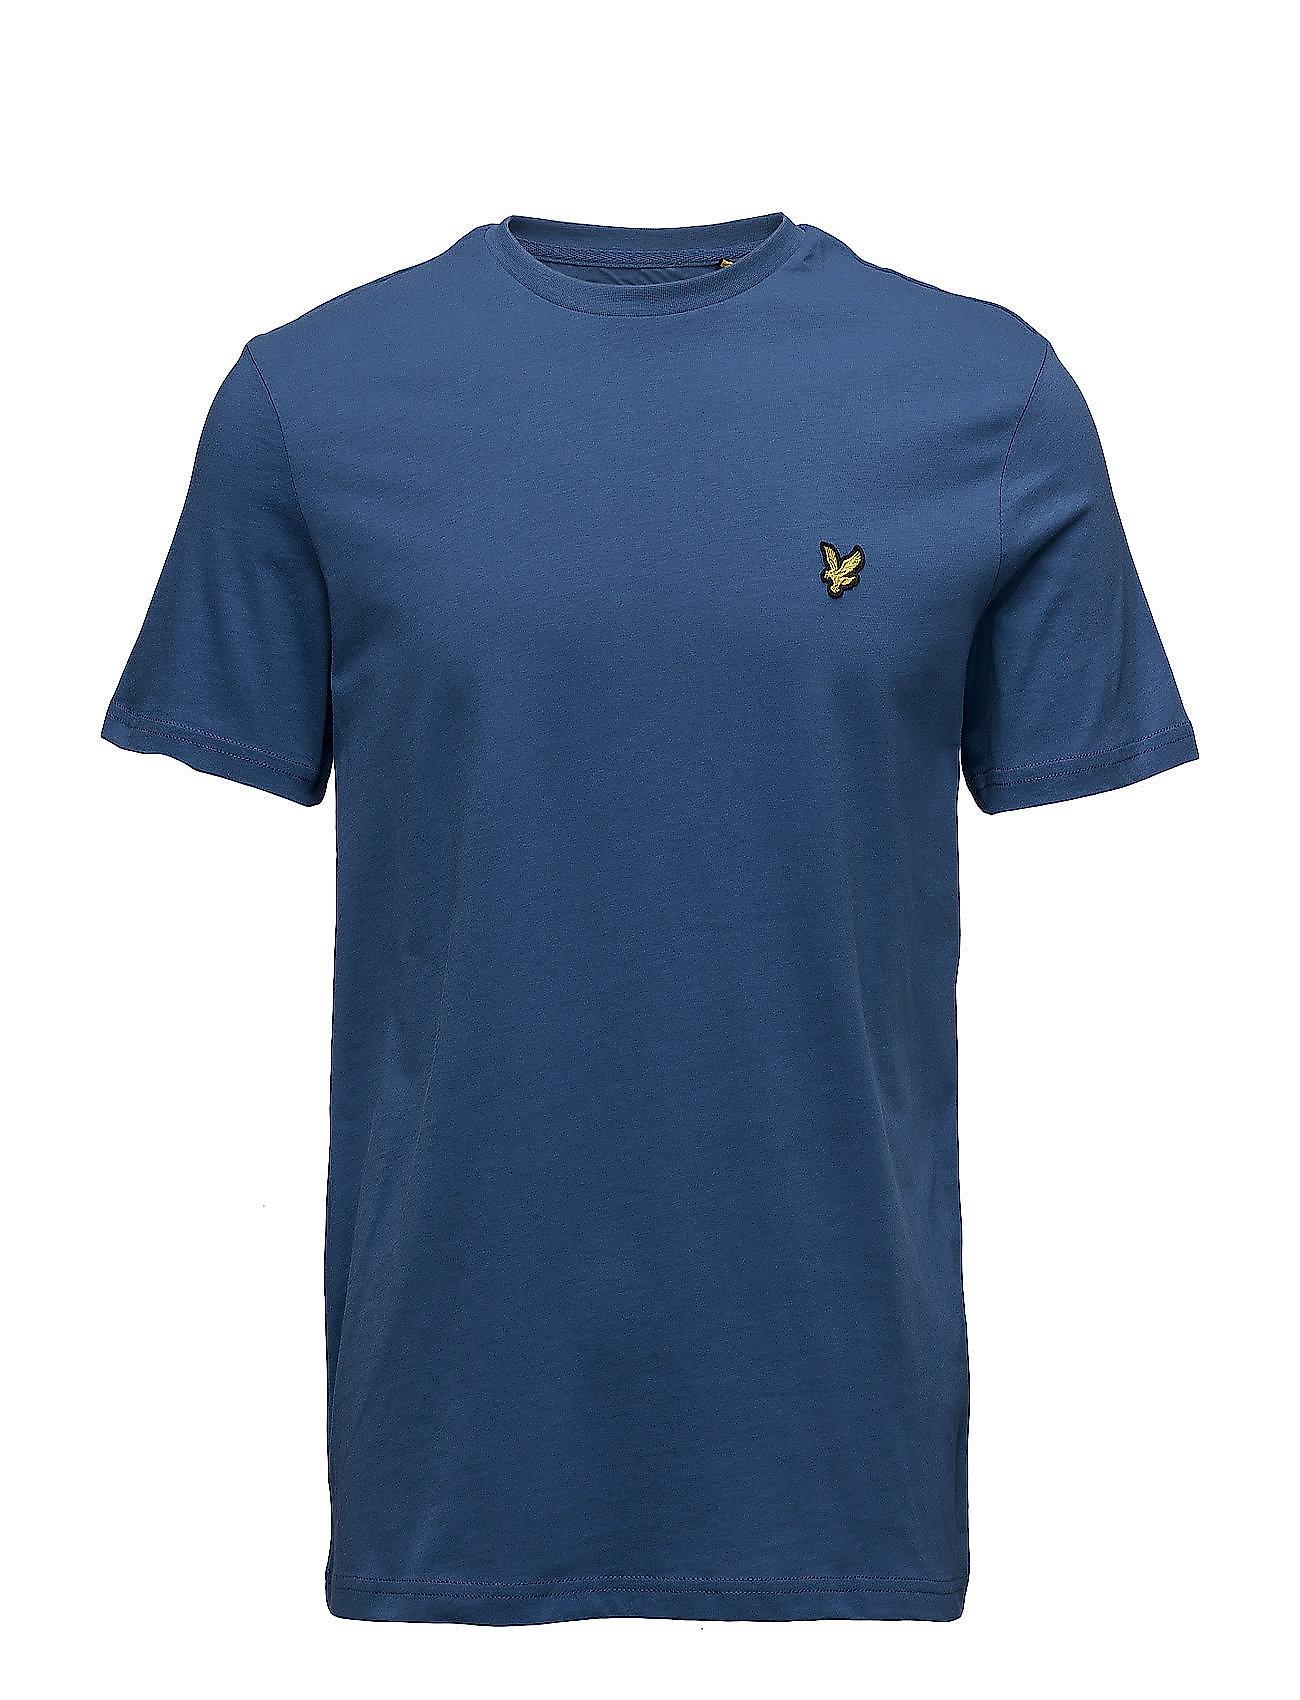 T-Shirt Lyle & Scott Kortærmede til Herrer i